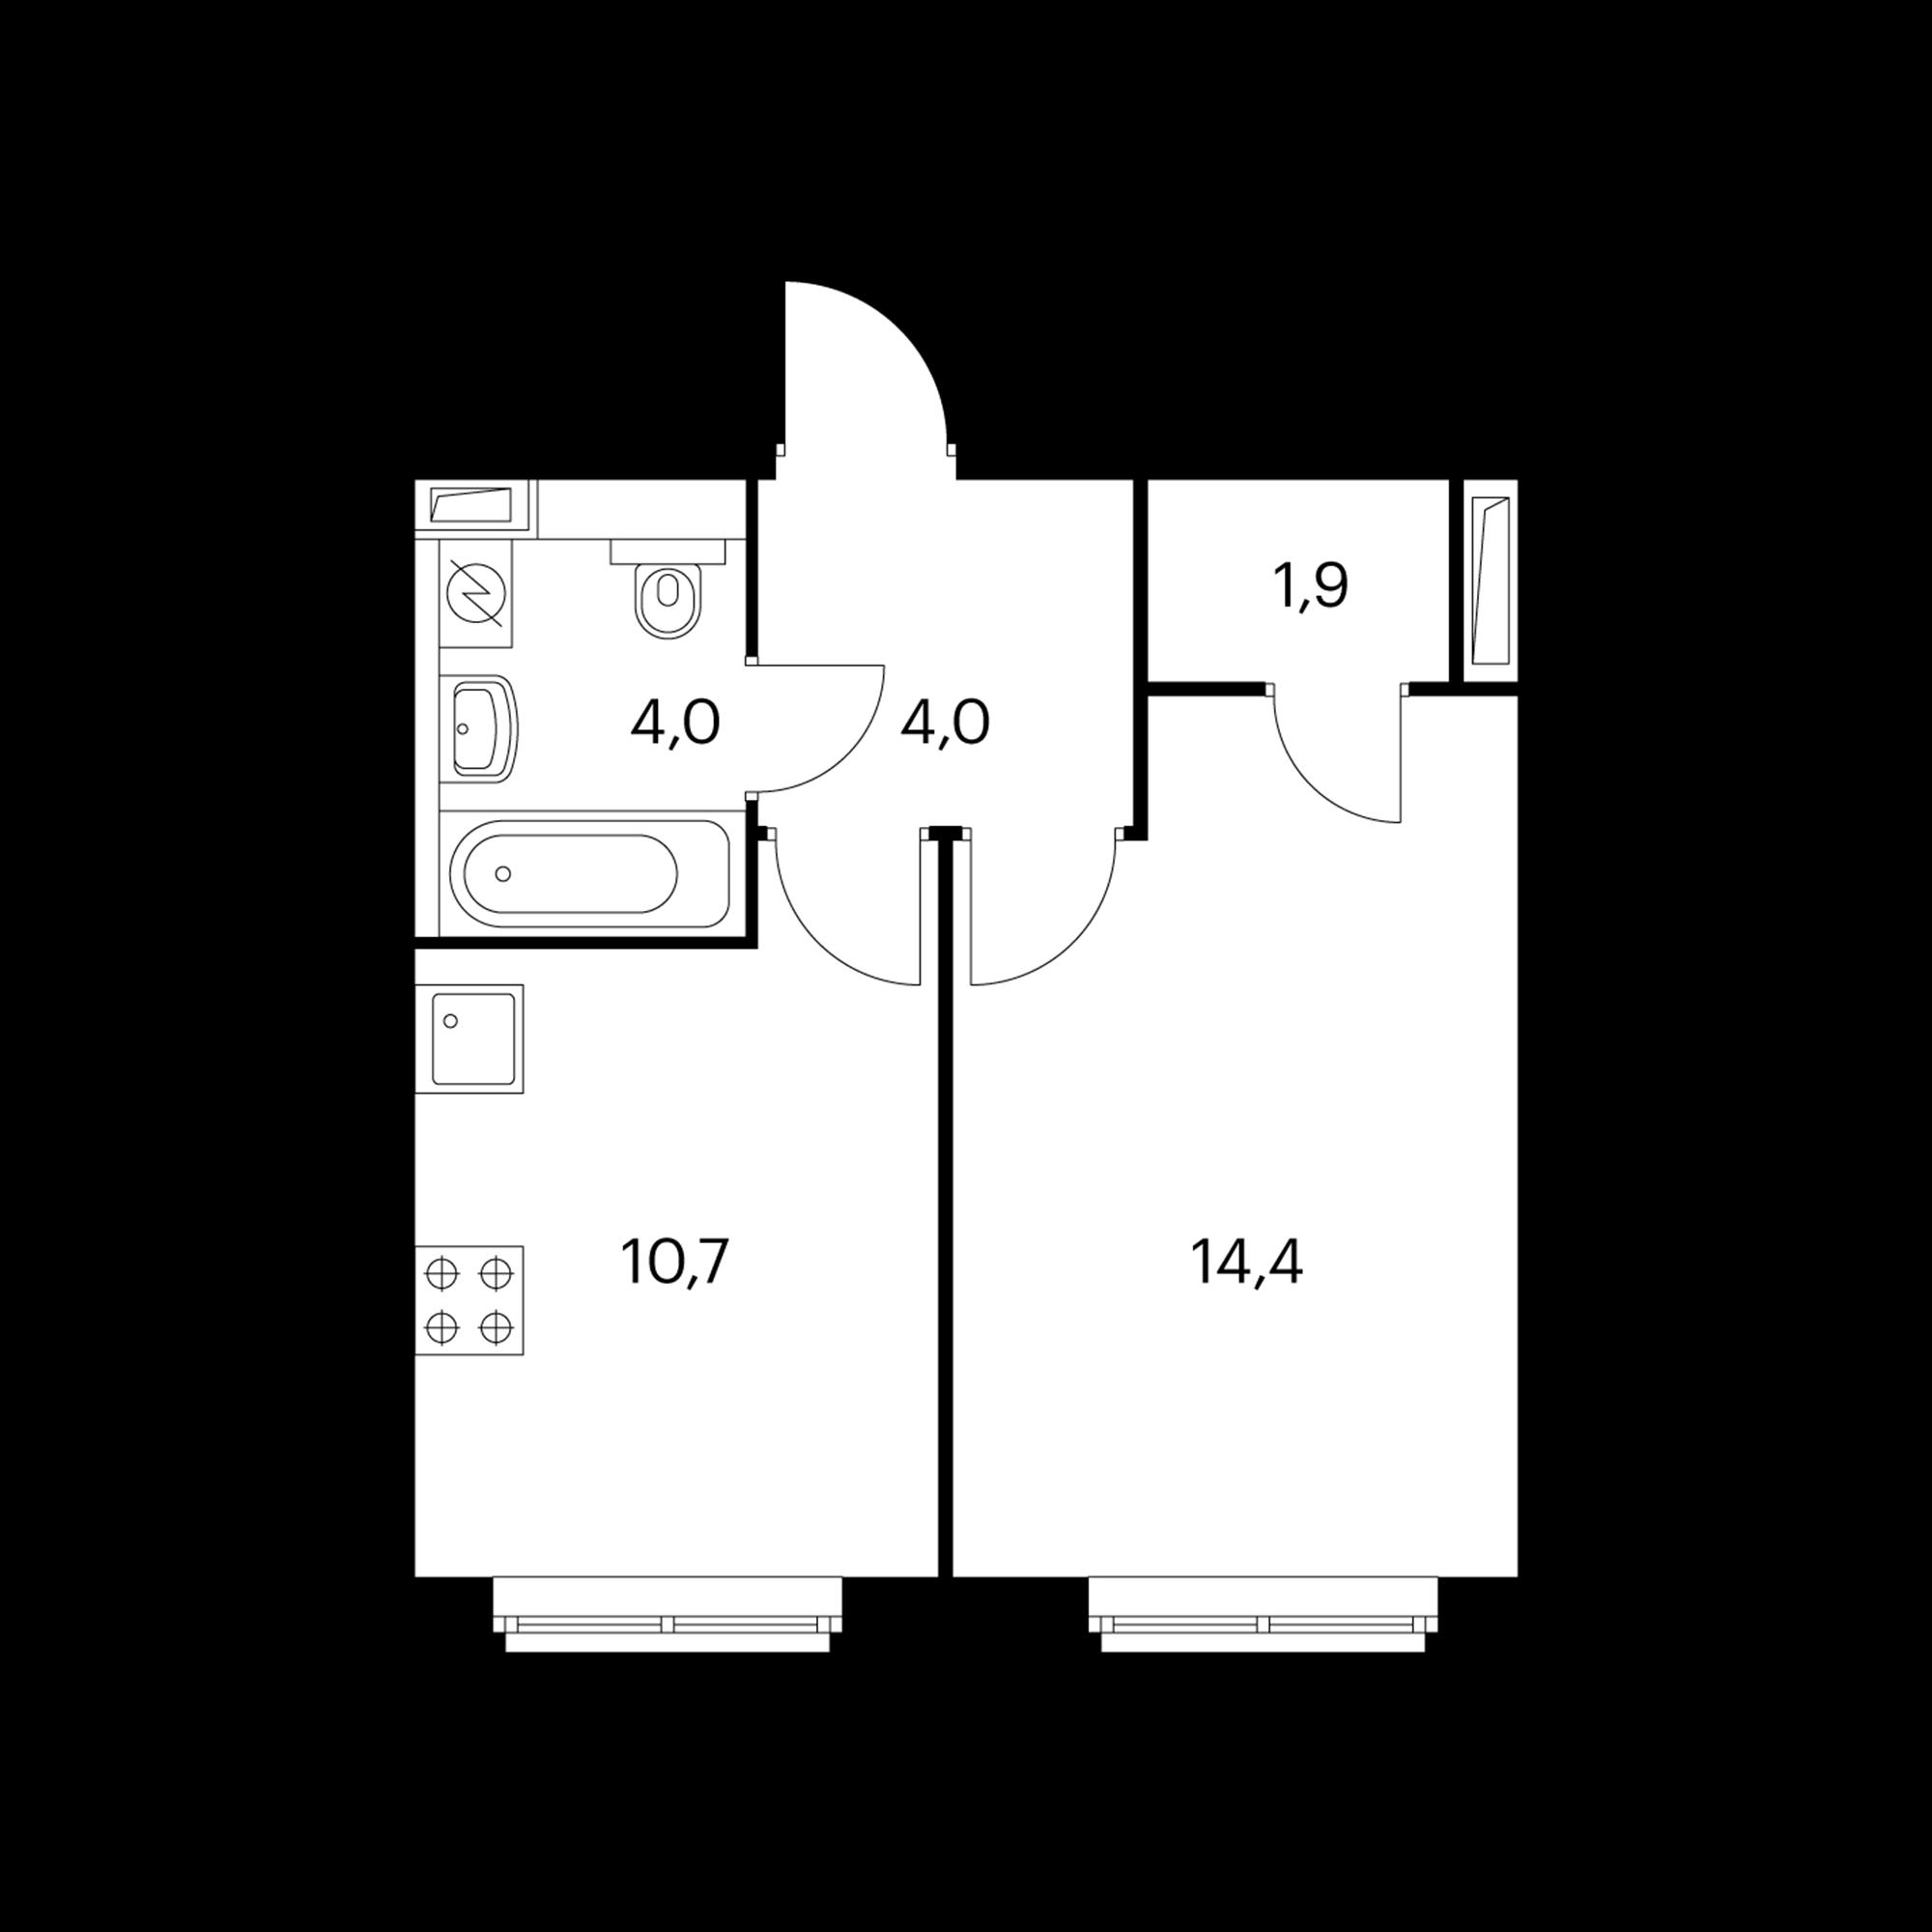 1KS1_6.3-1_S_Z(1)